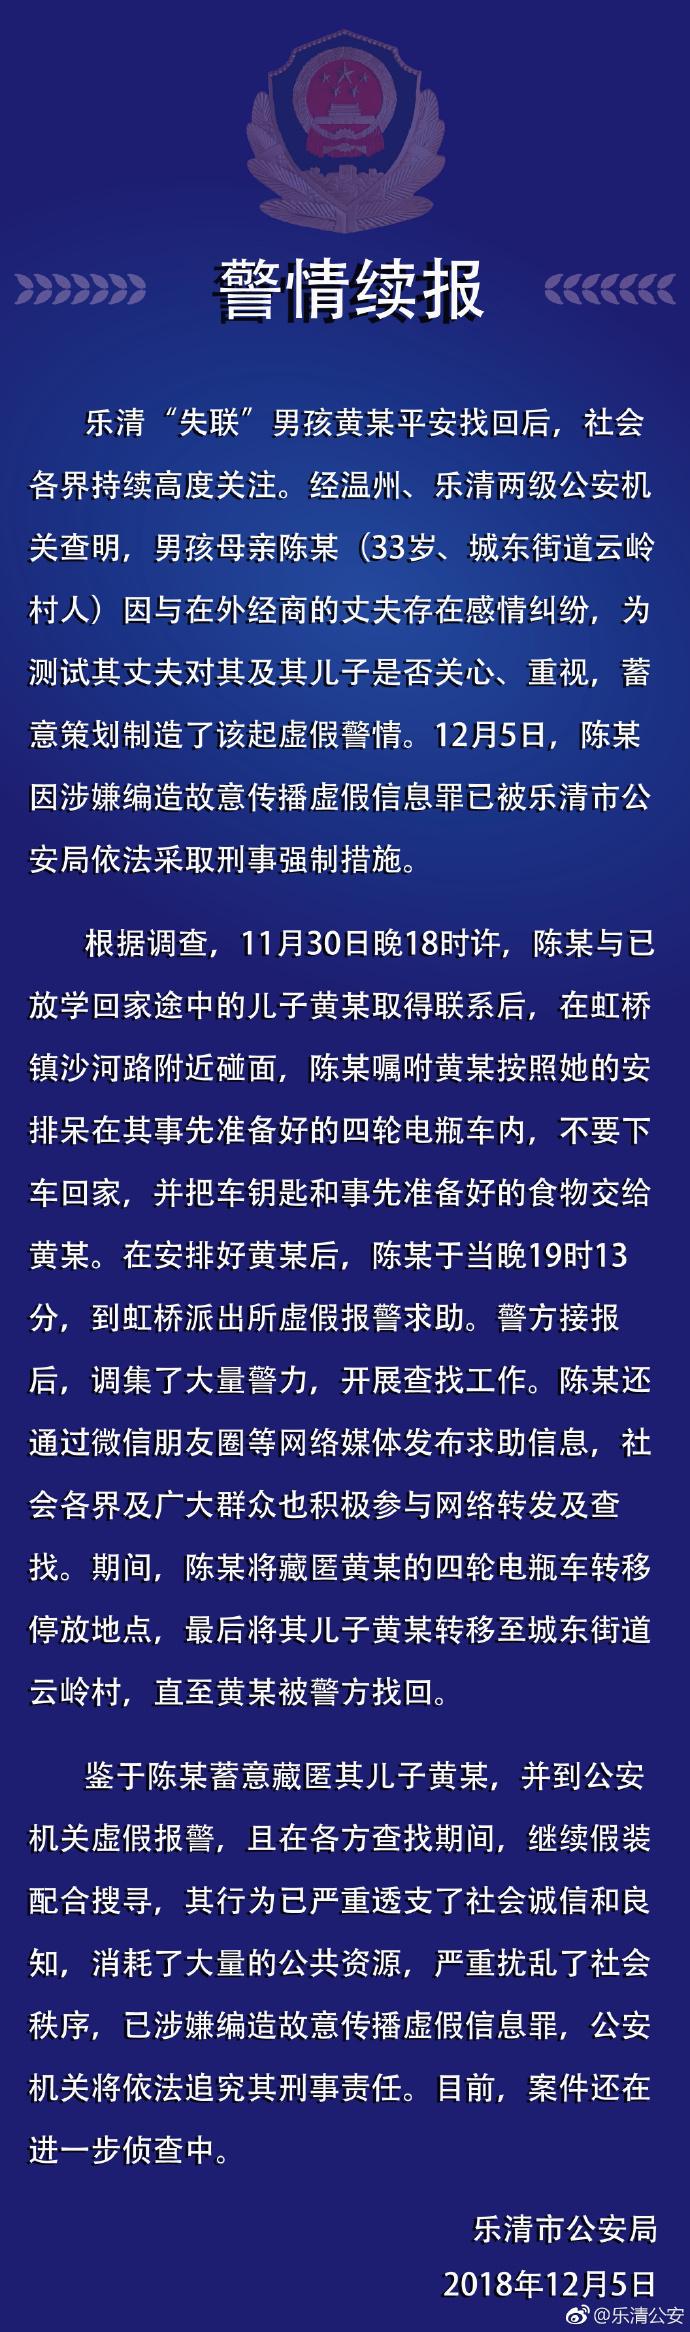 """乐清警方通报""""50万寻失联男孩"""":其母为测试丈夫策划虚假警情,已被刑拘"""